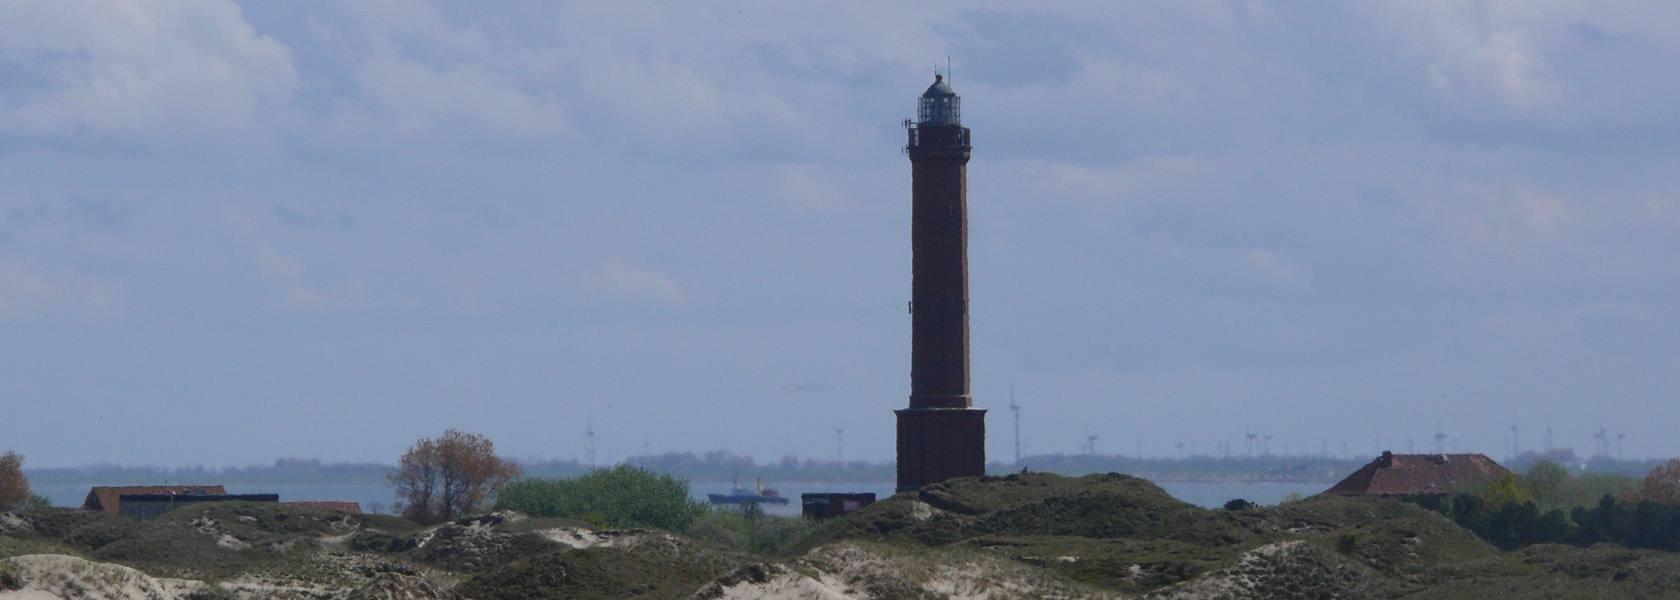 Leuchtturm Norderney, © Die Nordsee GmbH, Katja Benke